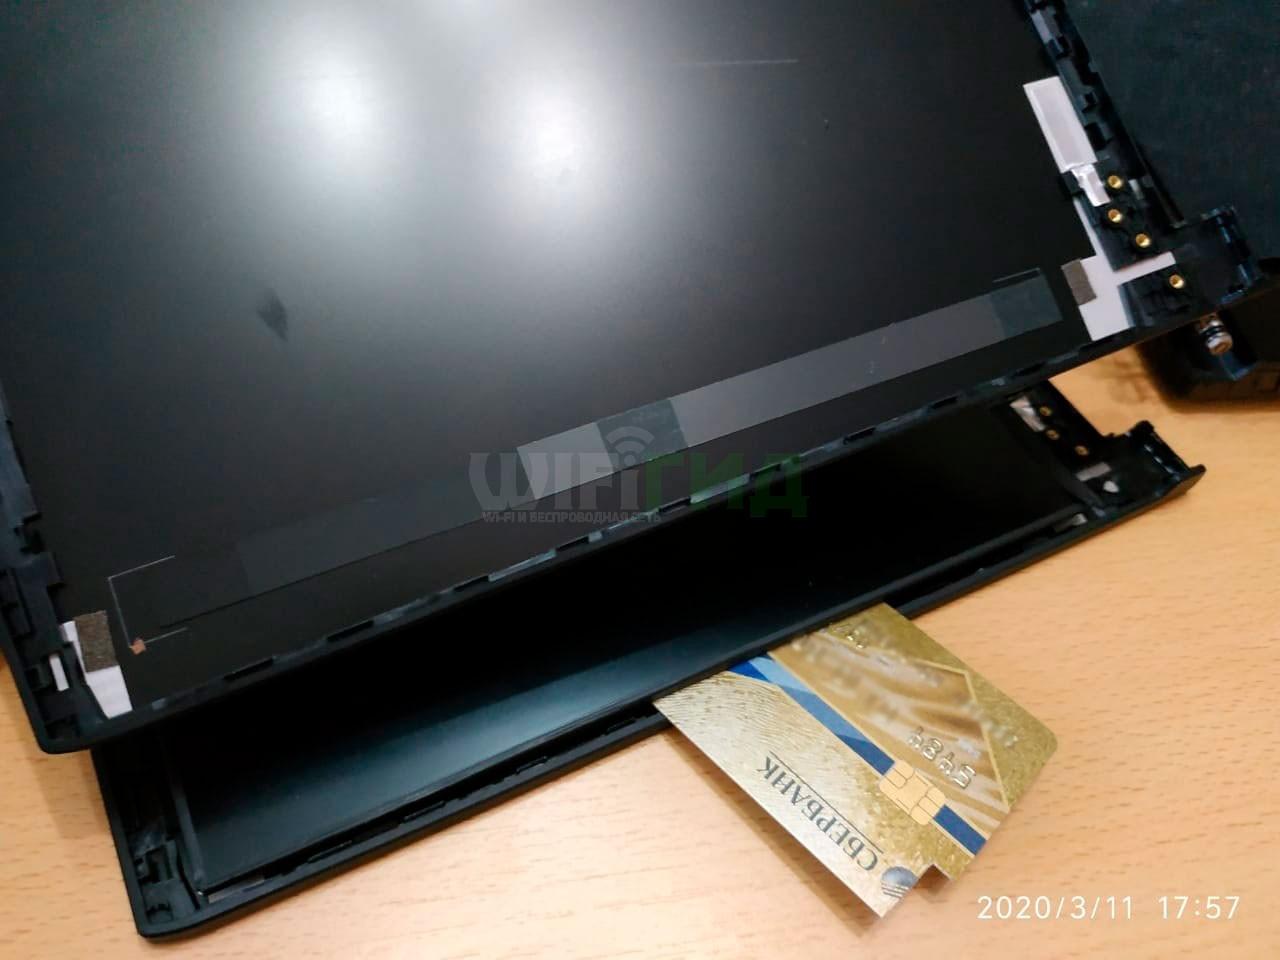 Замена крышки на ноутбуке MSI GF63 8RD из-за отрыва петли